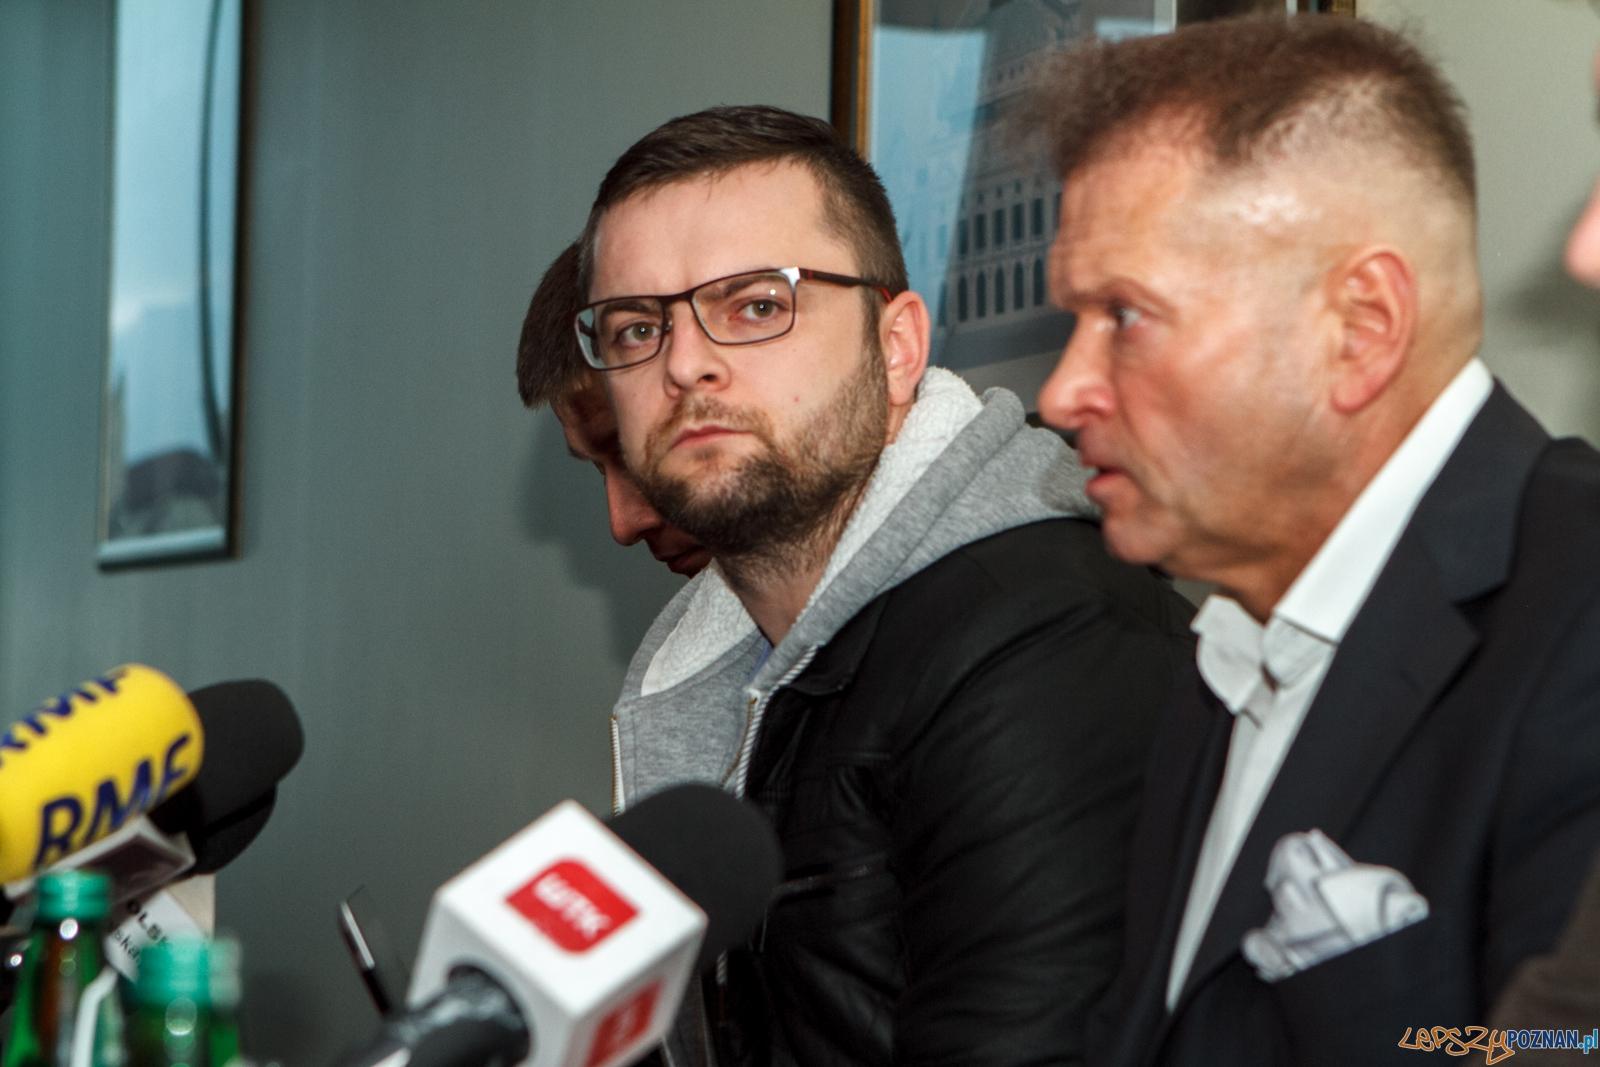 Konferencja w sprawie zaginięcia Ewy Tylman - Poznań 26.11.201  Foto: LepszyPOZNAN.pl / Paweł Rychter